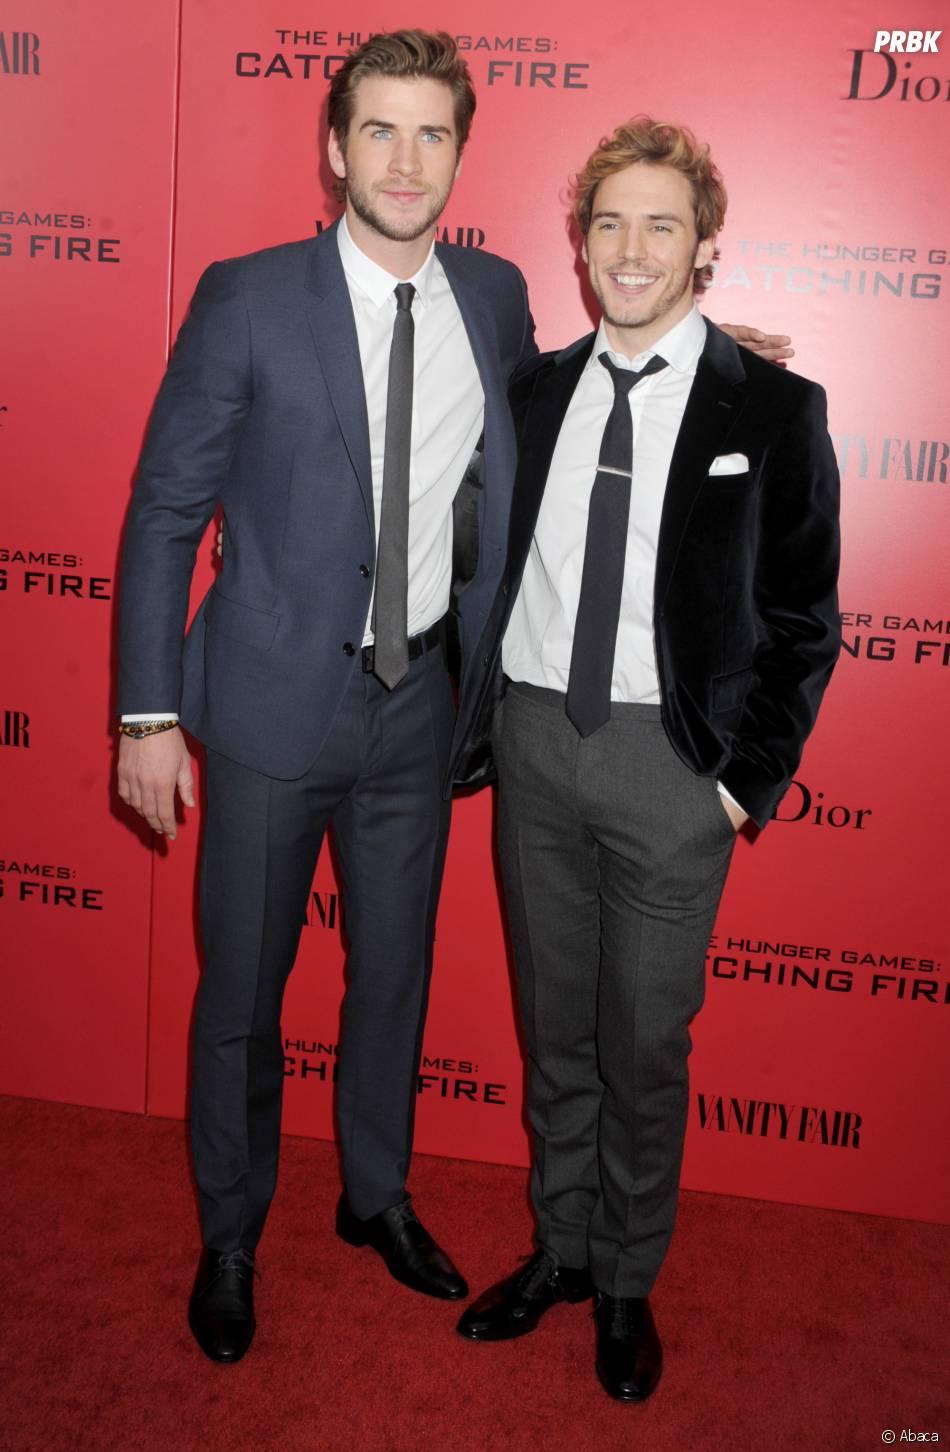 Liam Hemsworth et Sam Claflin à l'avant-première d'Hunger Games l'embrasement à New York le 20 novembre 2013